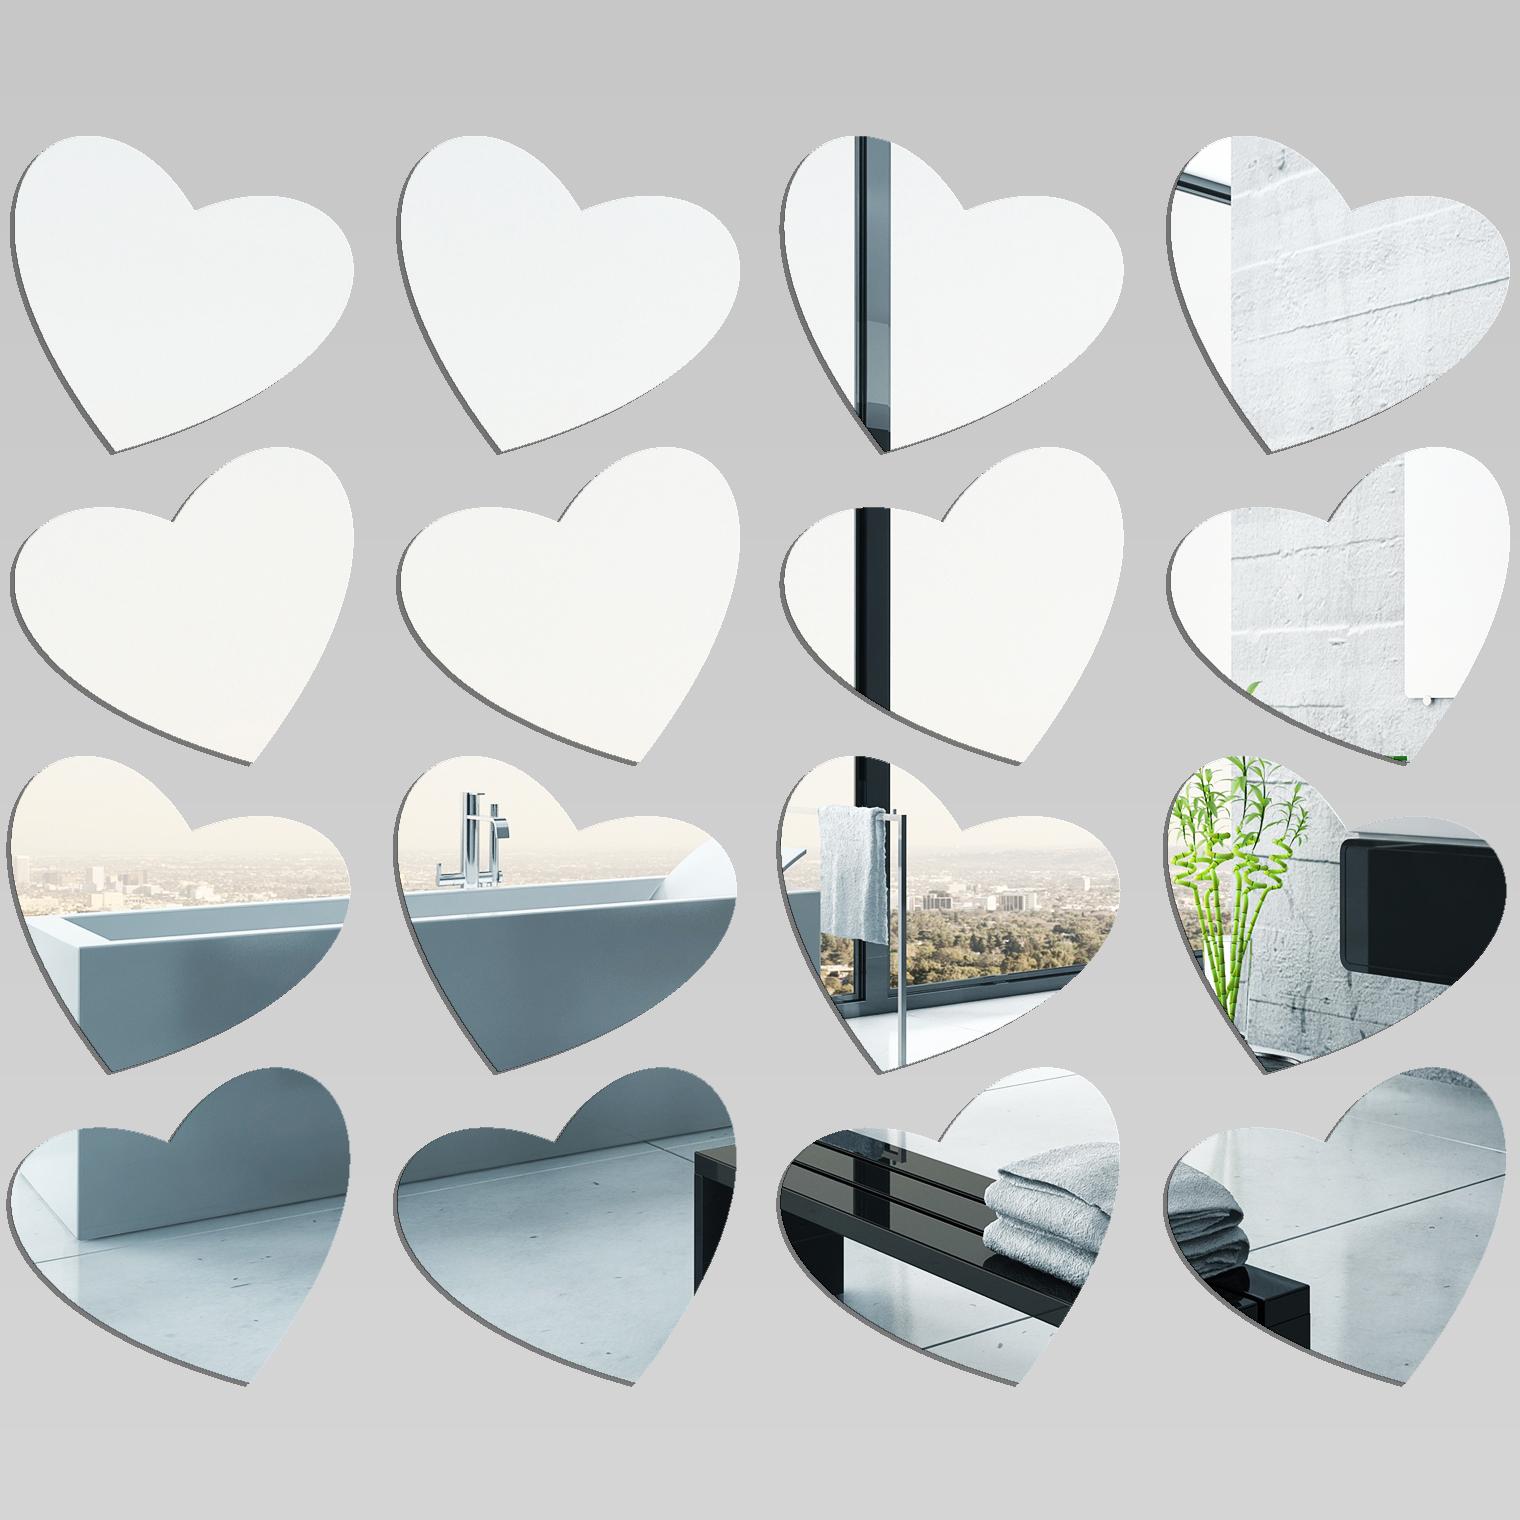 Kit miroir plexiglass acrylique coeurs pas cher for Miroir acrylique